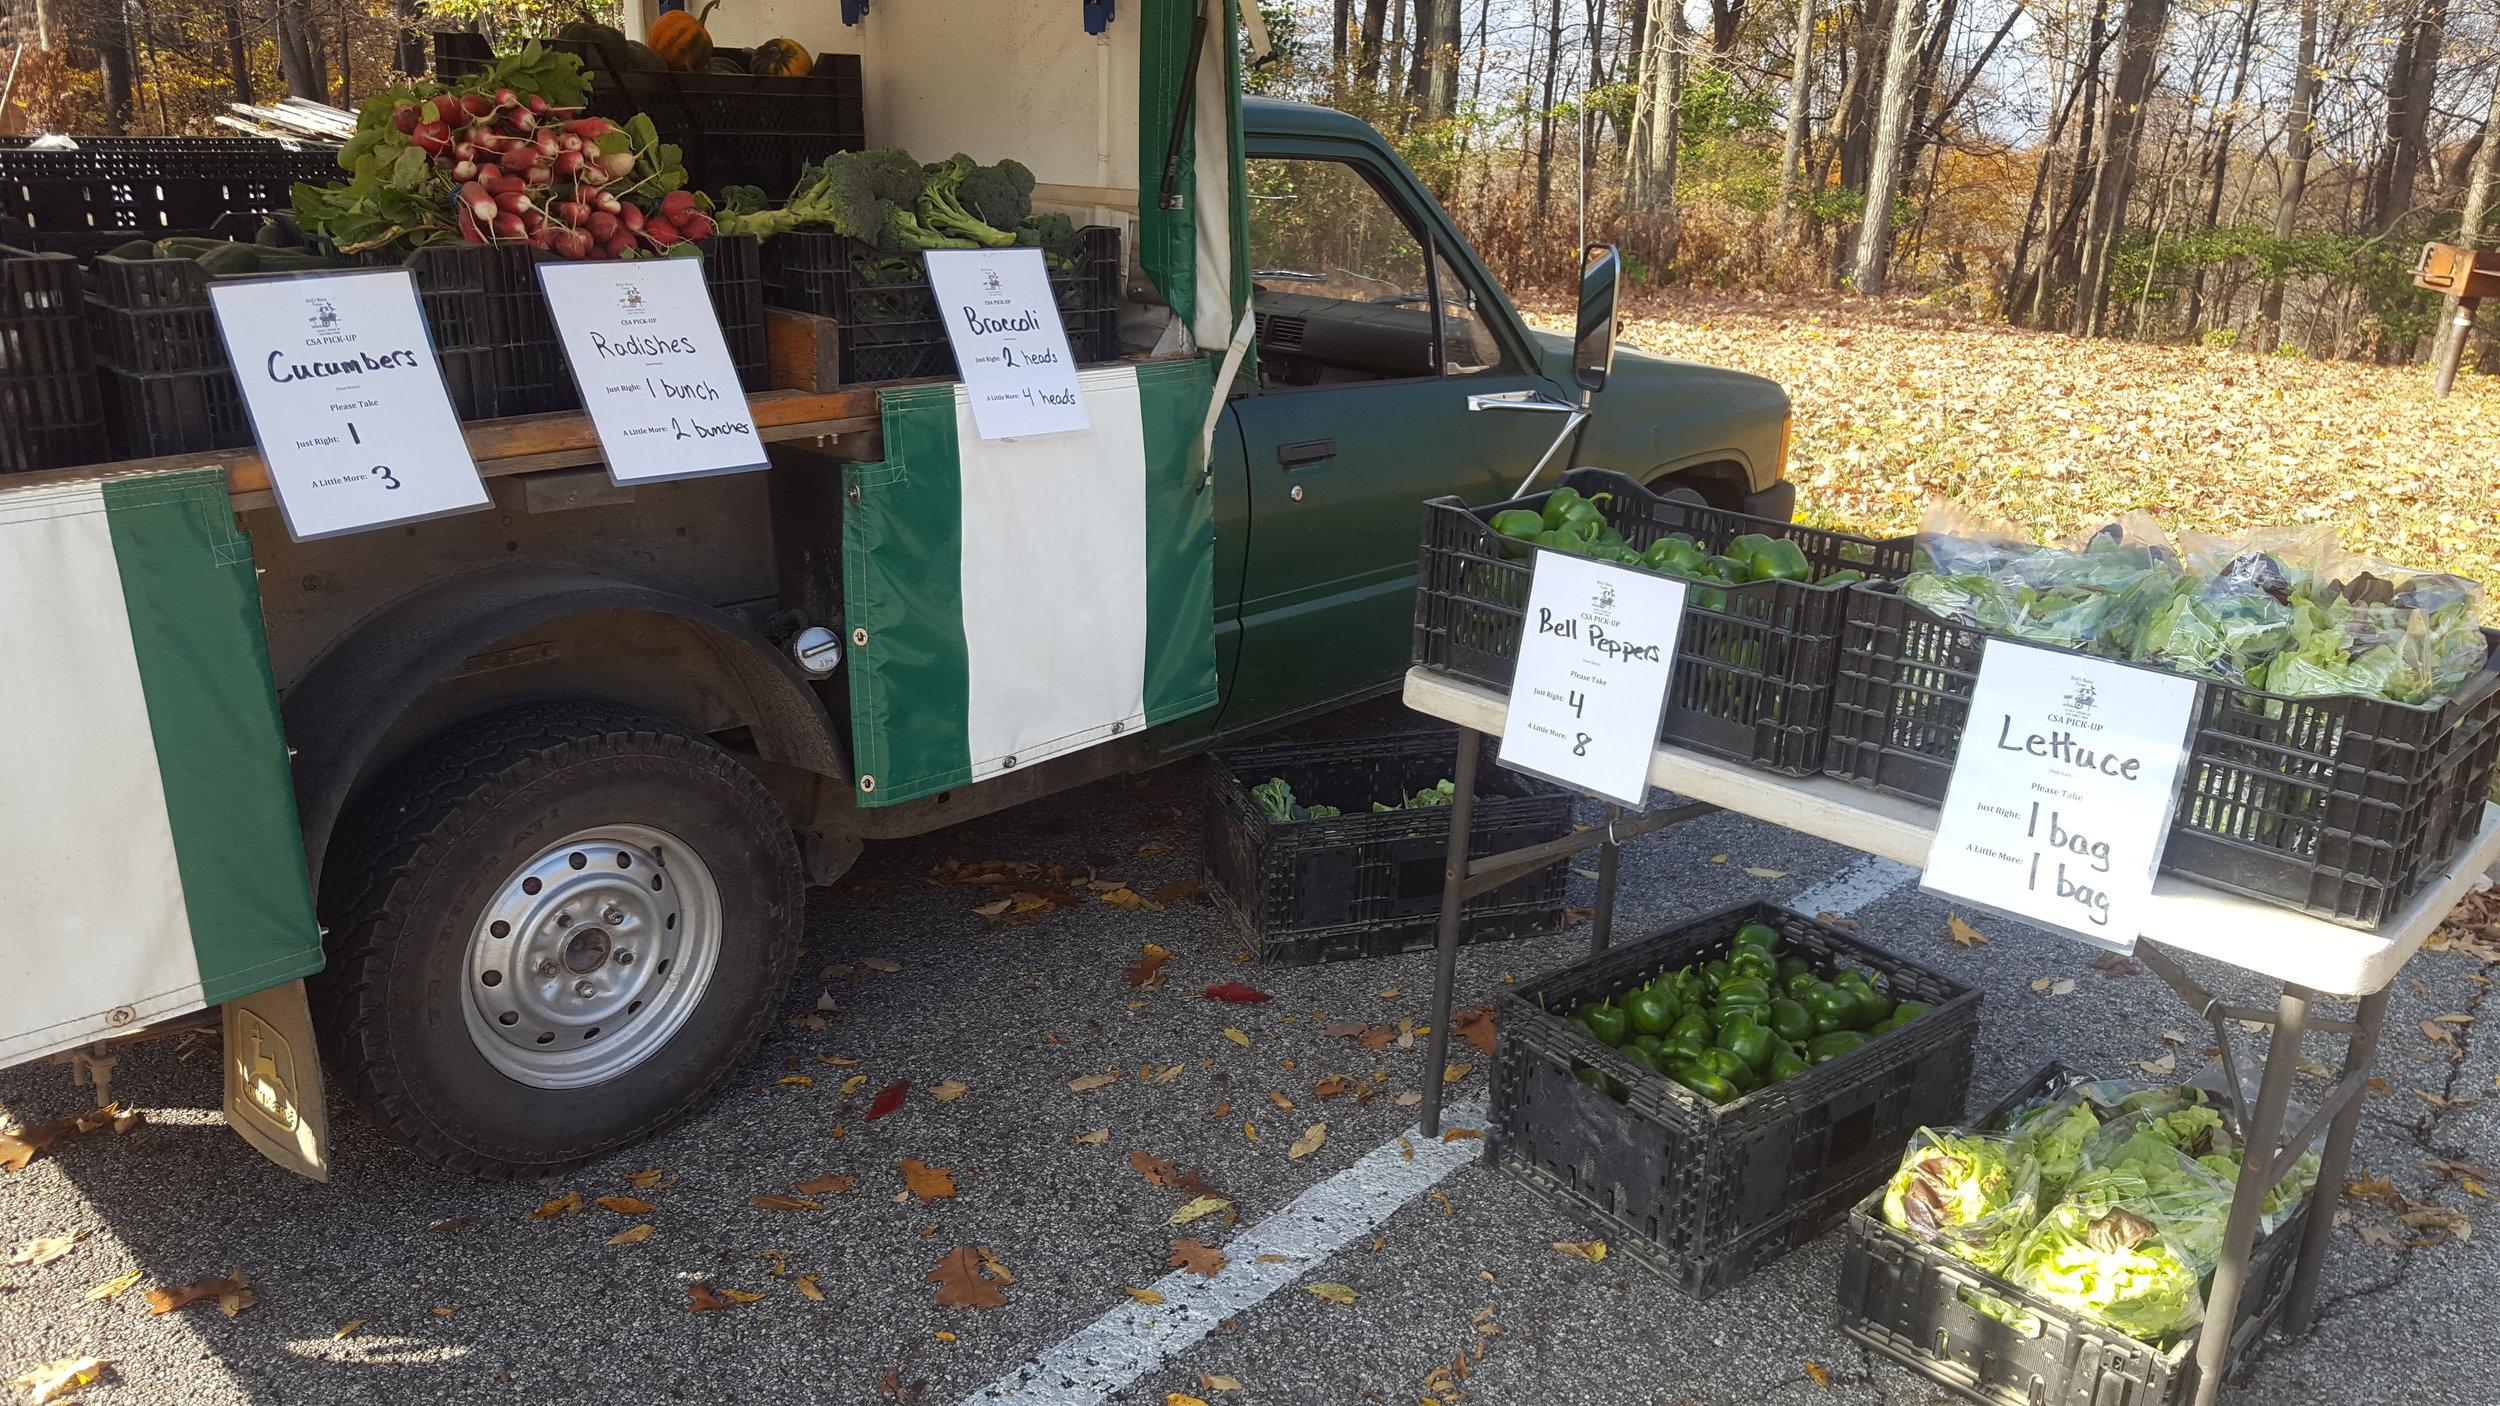 Our trusty farm truck!